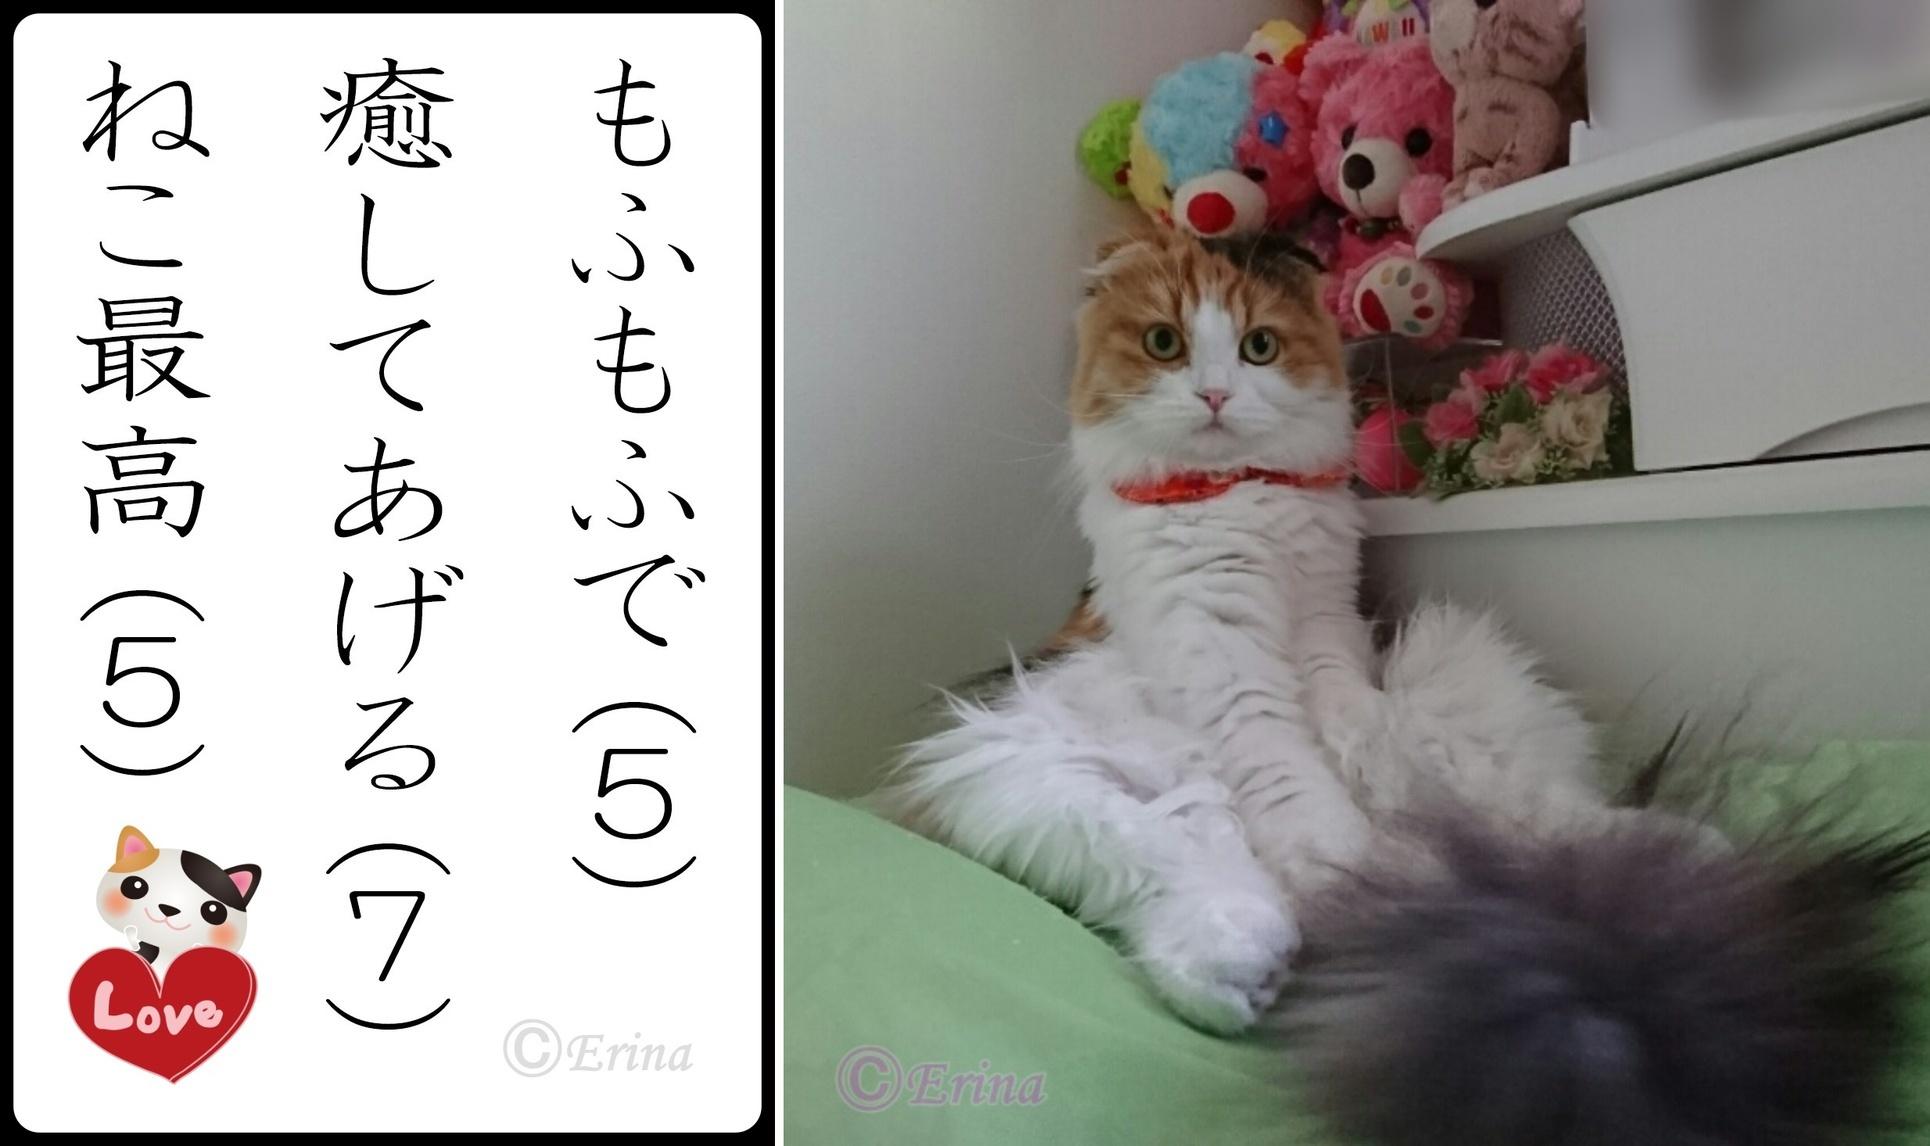 2連結レナとⒸ猫川柳猫loveもふもふで癒してあげるねこ最高-side.jpg